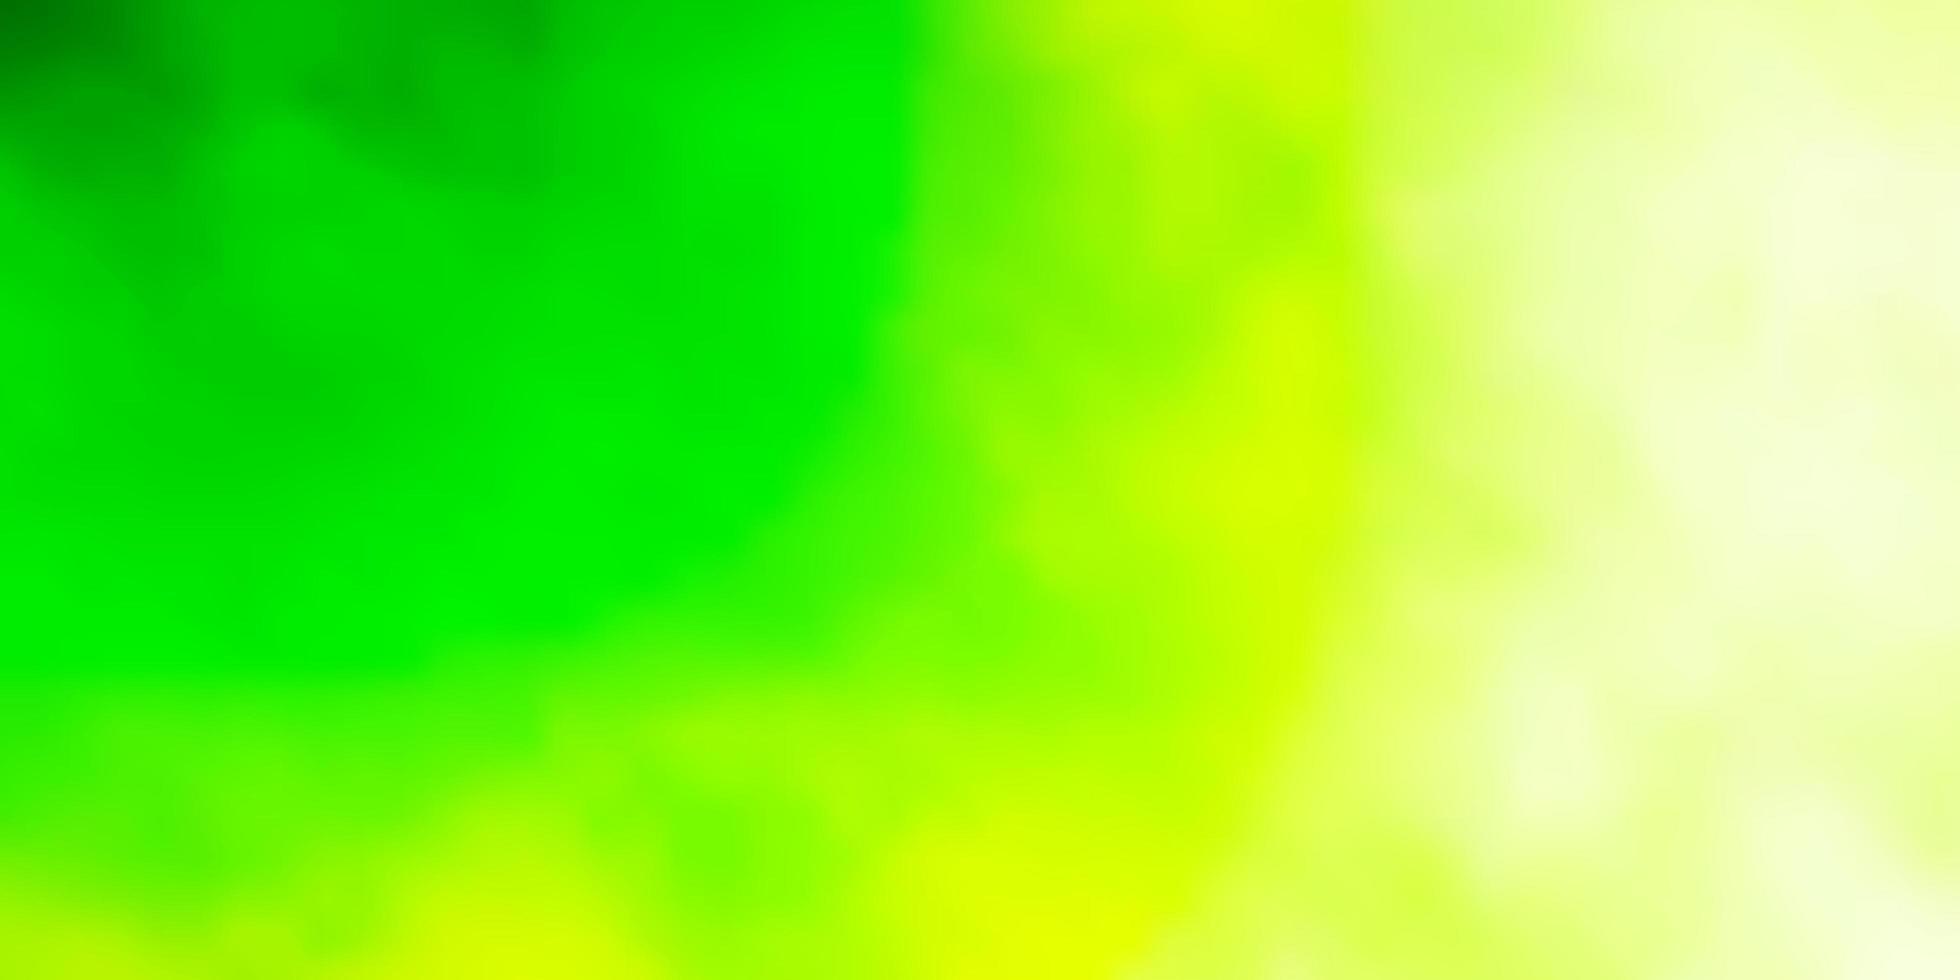 hellgrünes Layout mit Wolkenlandschaft. vektor